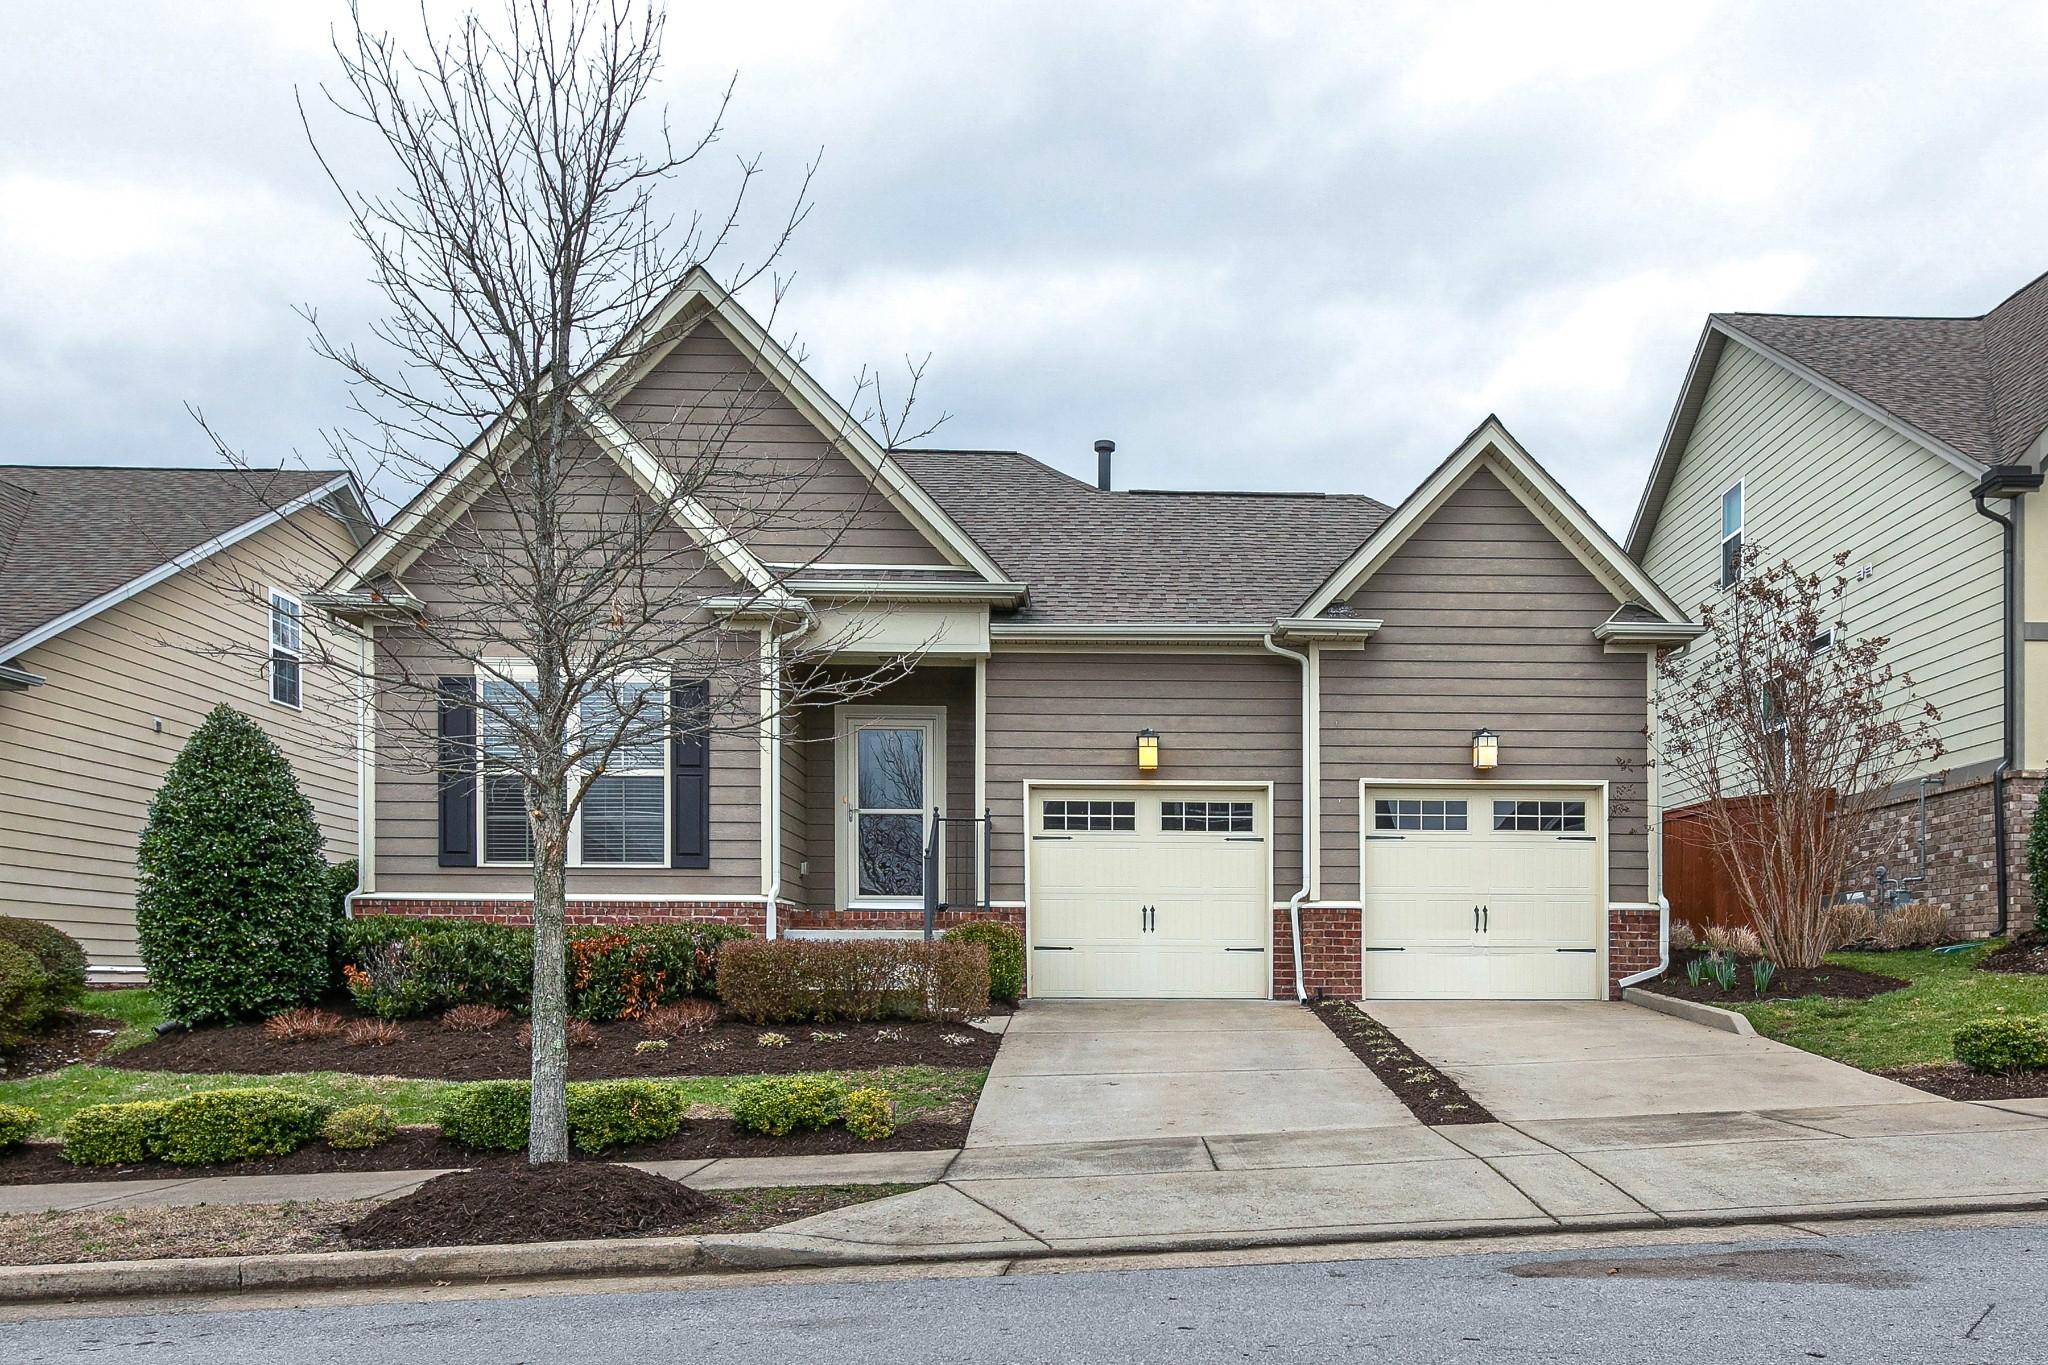 728 Meadowcroft Lane, Nolensville, TN 37135 - Nolensville, TN real estate listing